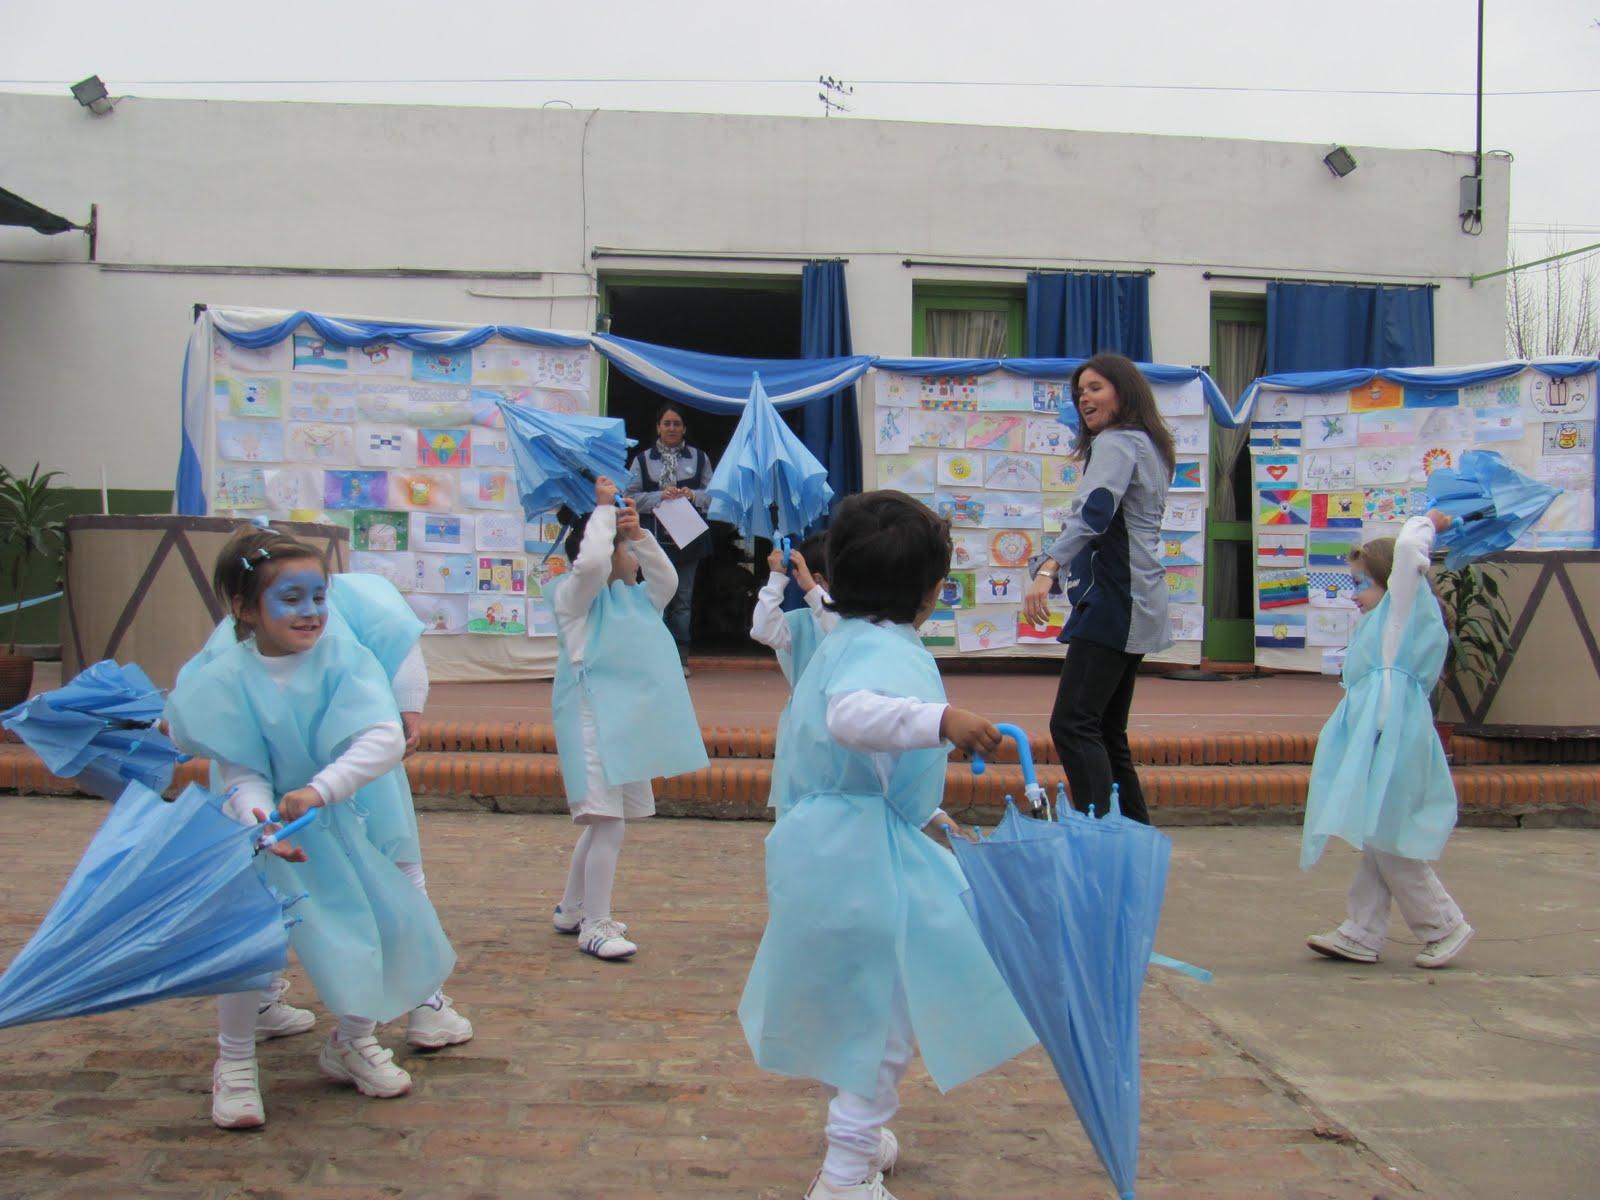 jardin de infantes no 901 tambor de tacuari san antonio de areco